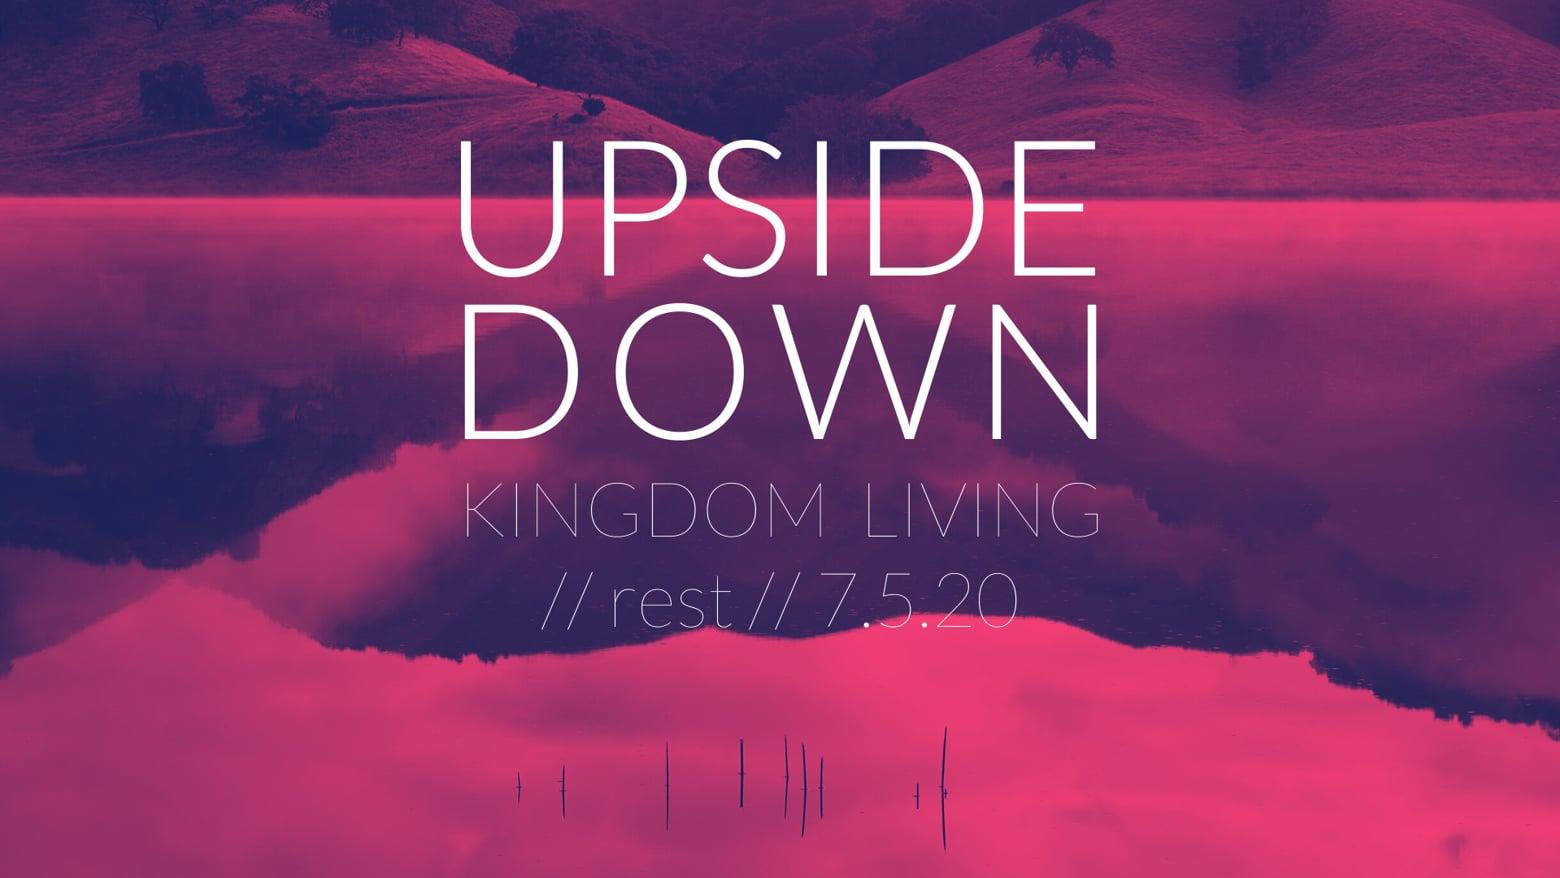 Upside Down Kingdom Living // rest